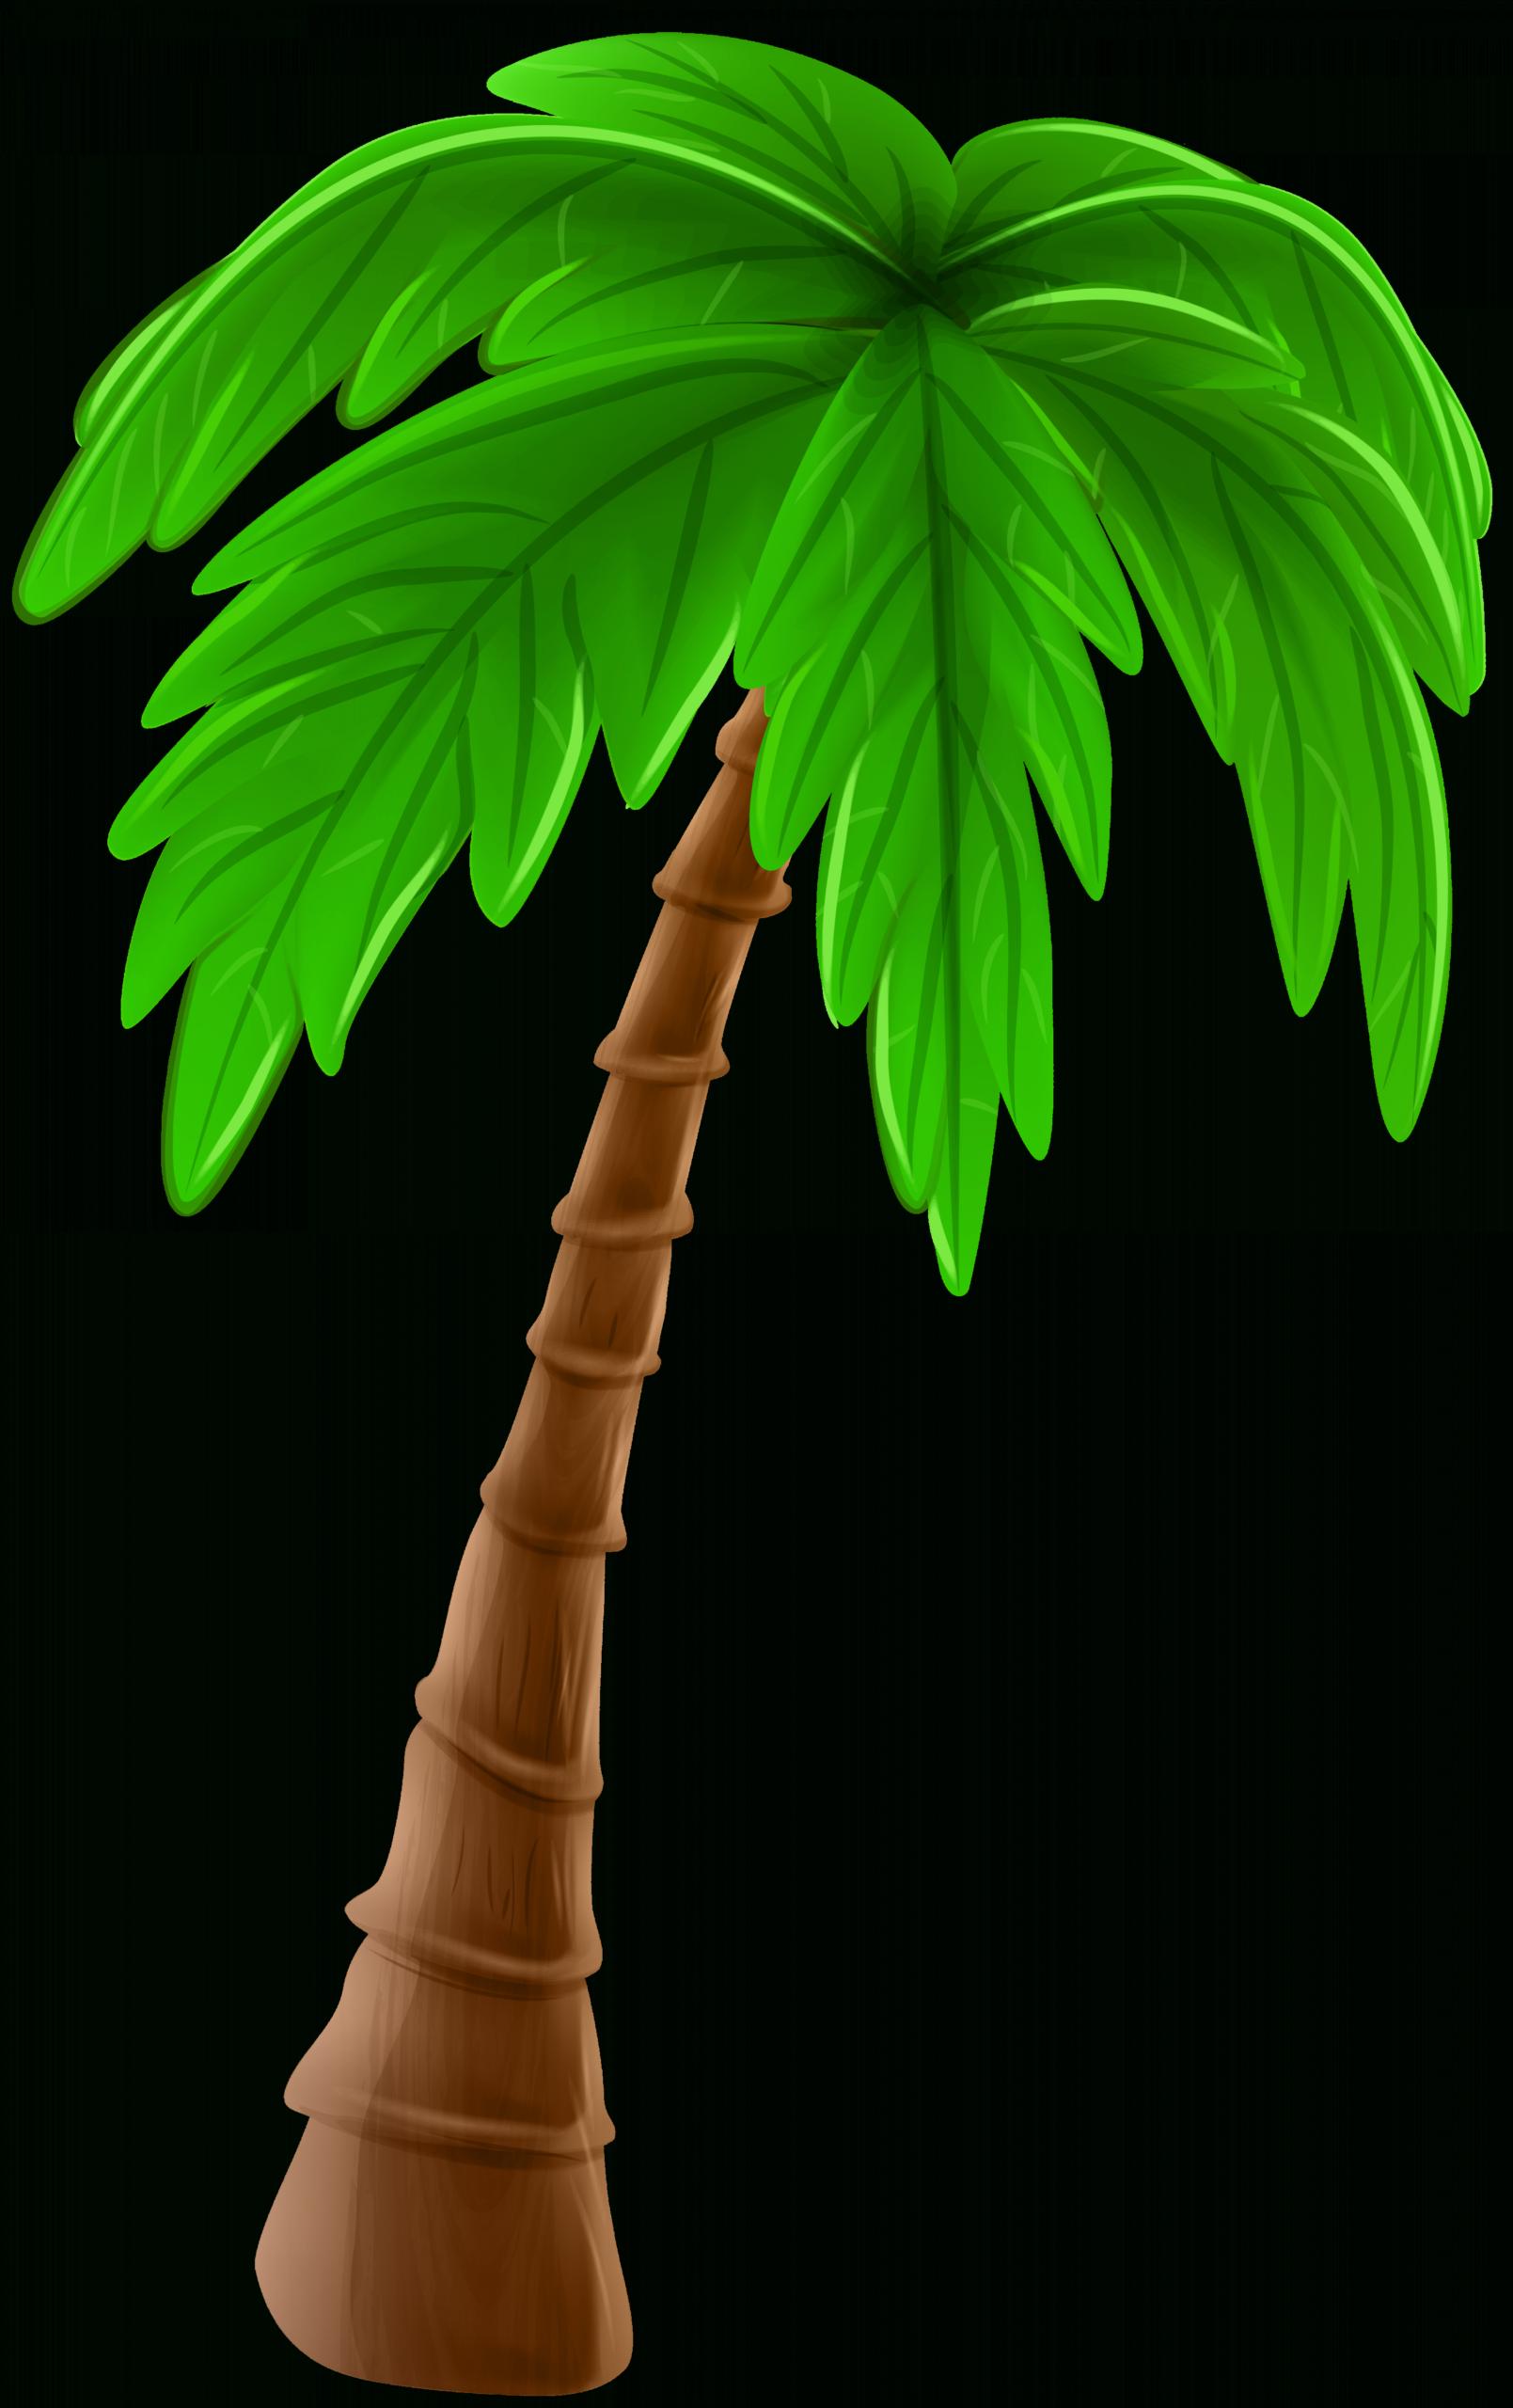 12 Cartoon Palm Tree Png Pohon Kelapa Animasi